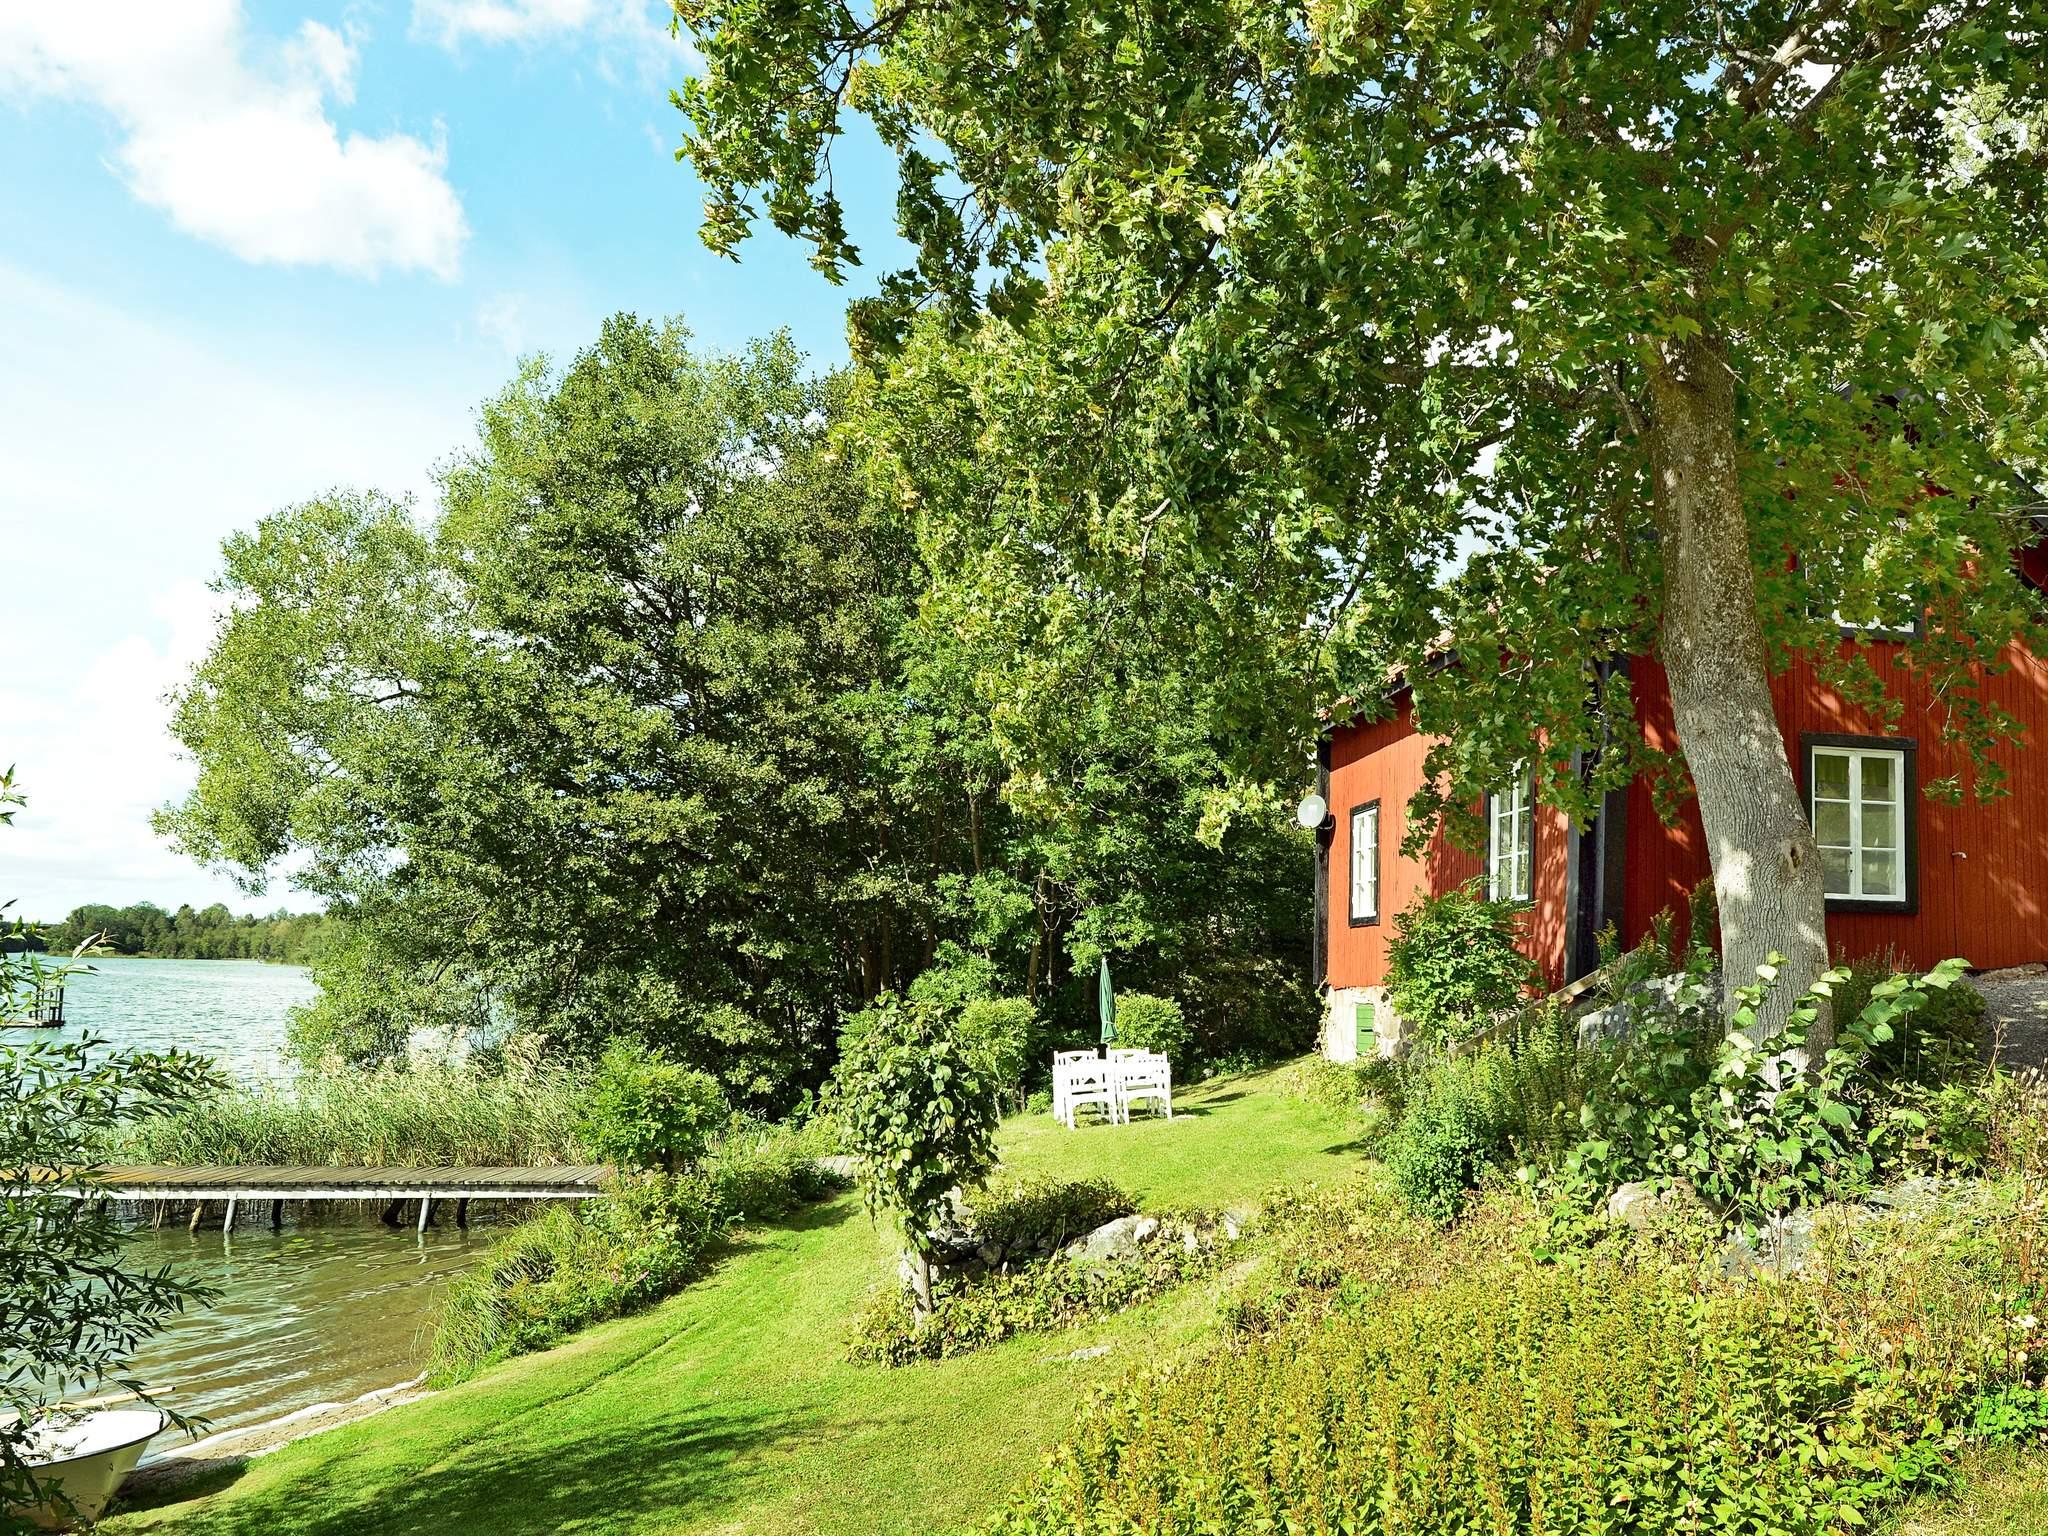 Ferienhaus Mariefred (426484), Mariefred, Södermanlands län, Mittelschweden, Schweden, Bild 19